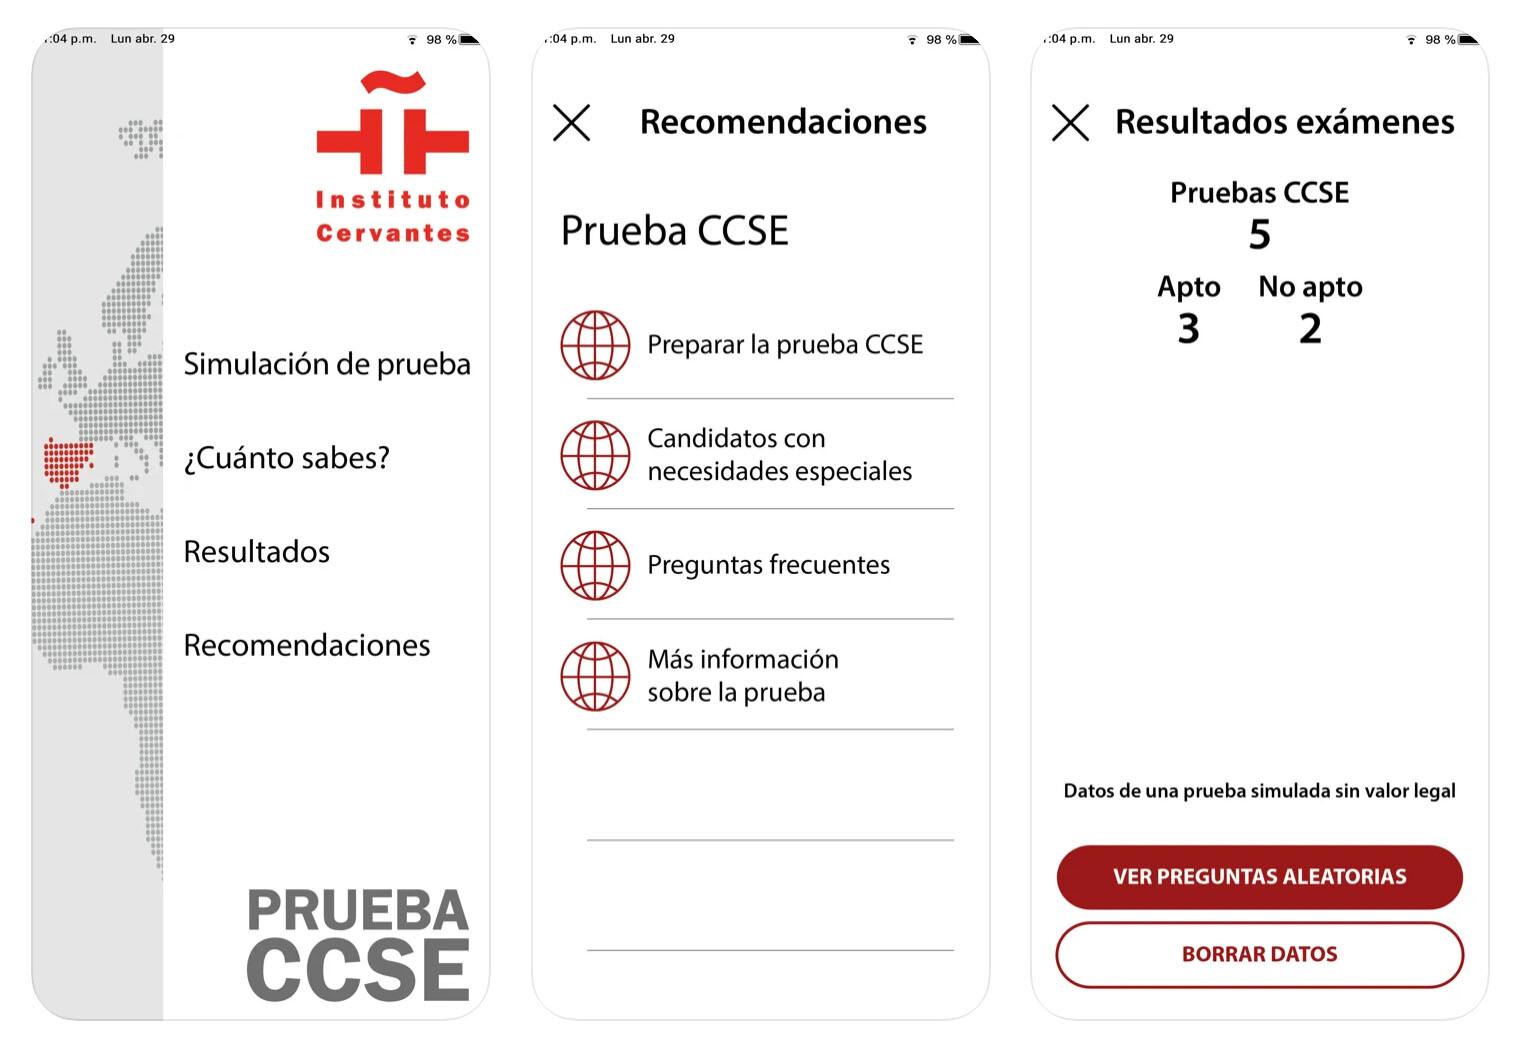 Prueba CCSE para conseguir la nacionalidad española